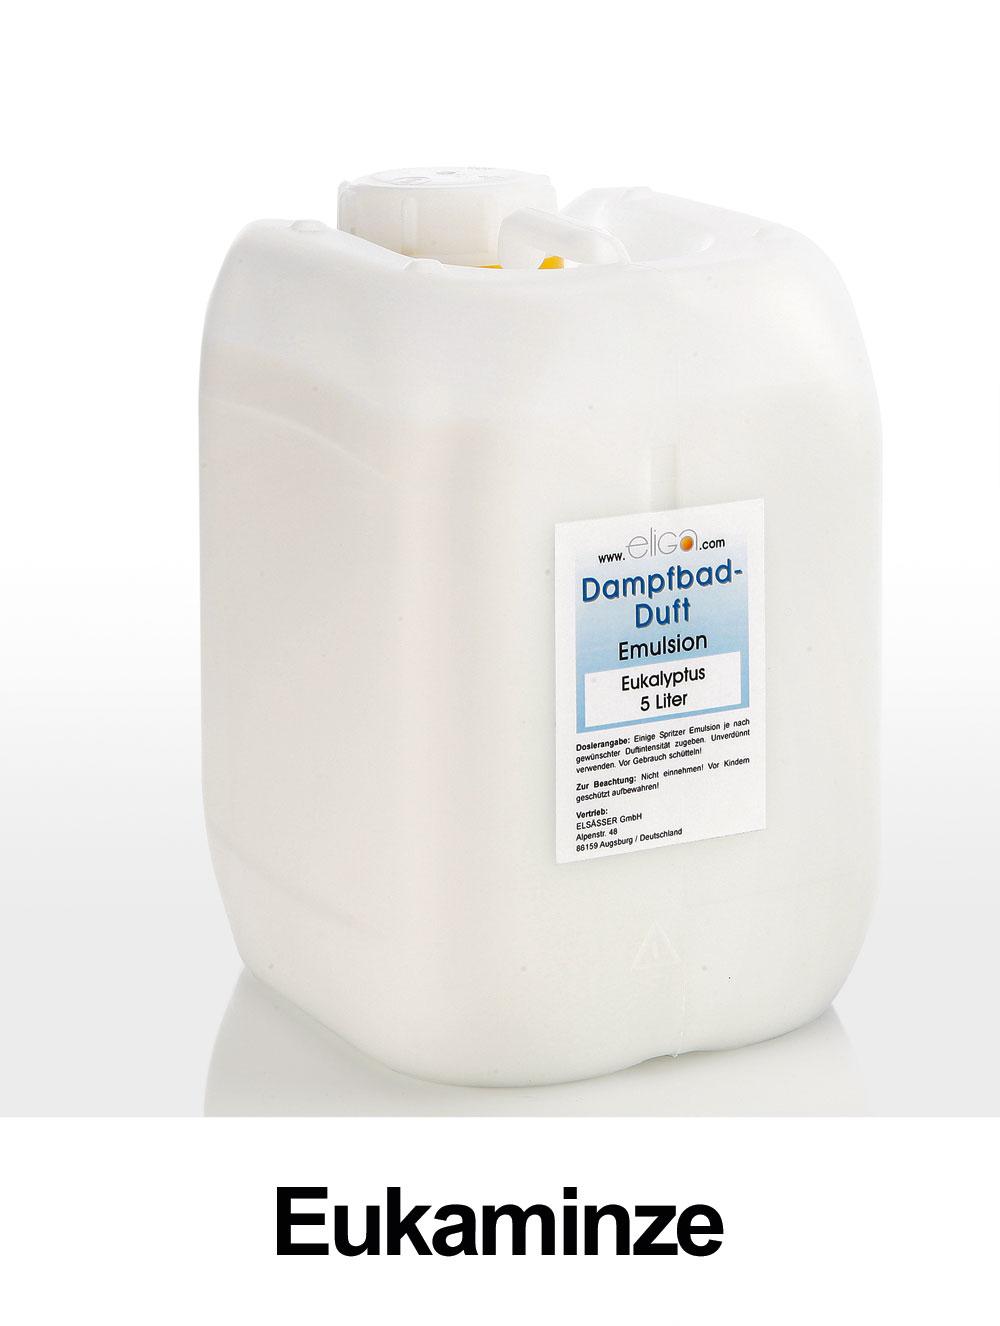 Eliga Dampfbad Duft Eukaminze 5 Liter Bild 1